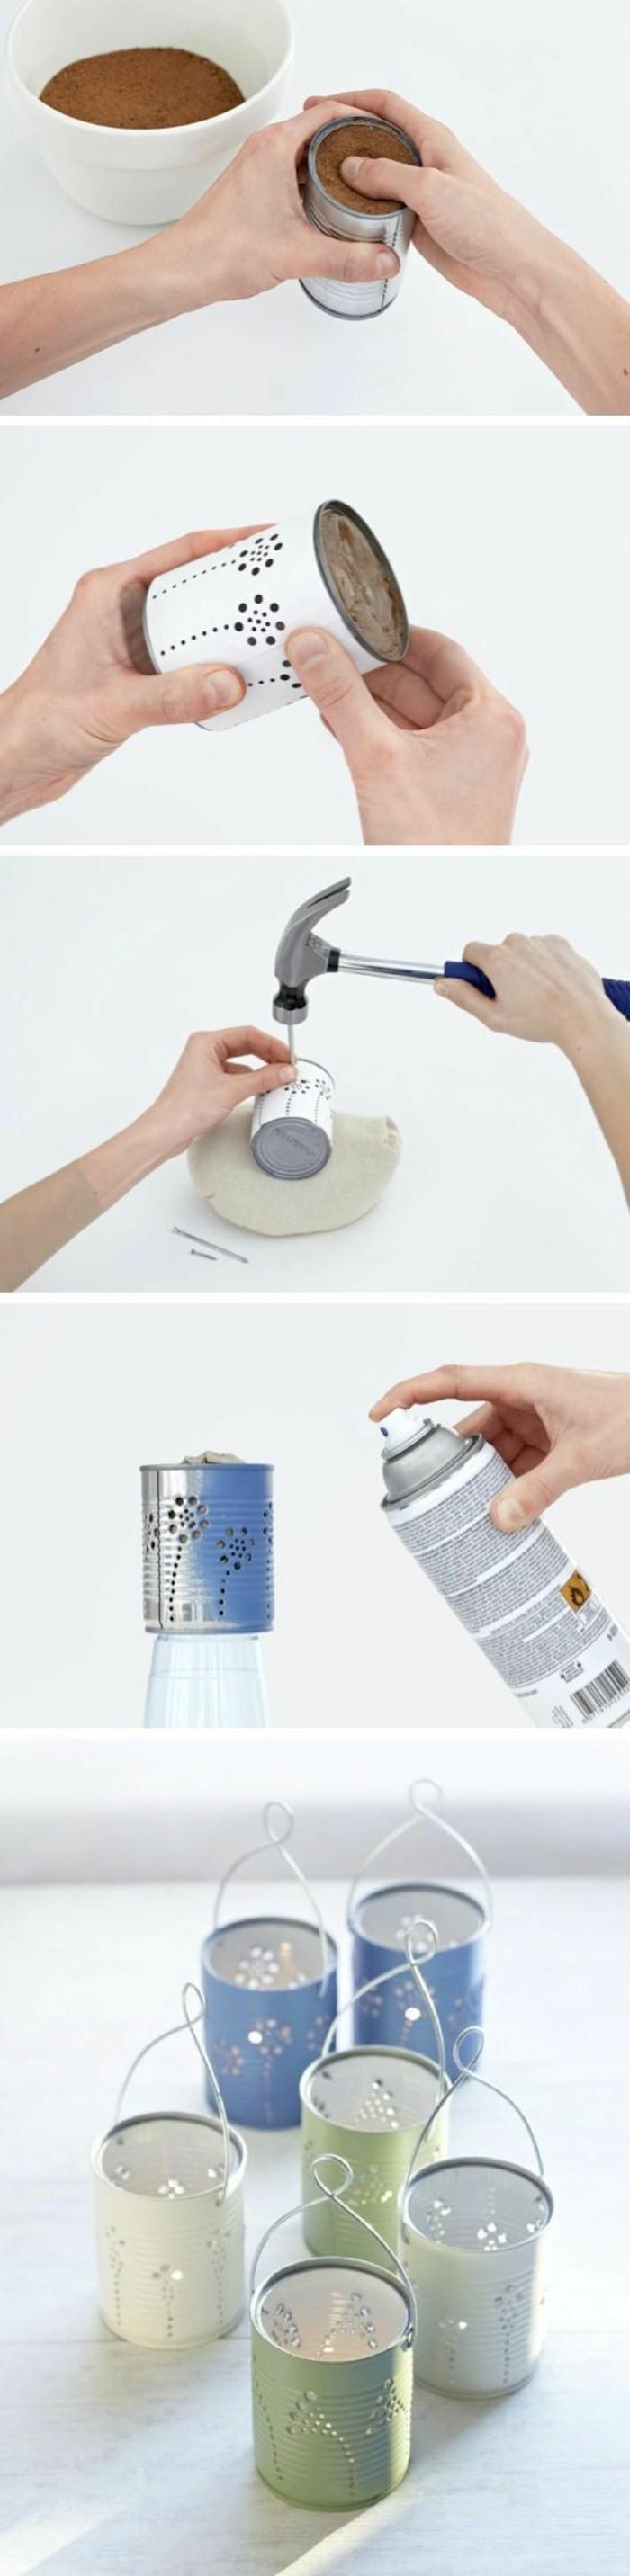 proyectos DIY originales con latas de conservas, cómo pintar una lata y hacer linternas DIY